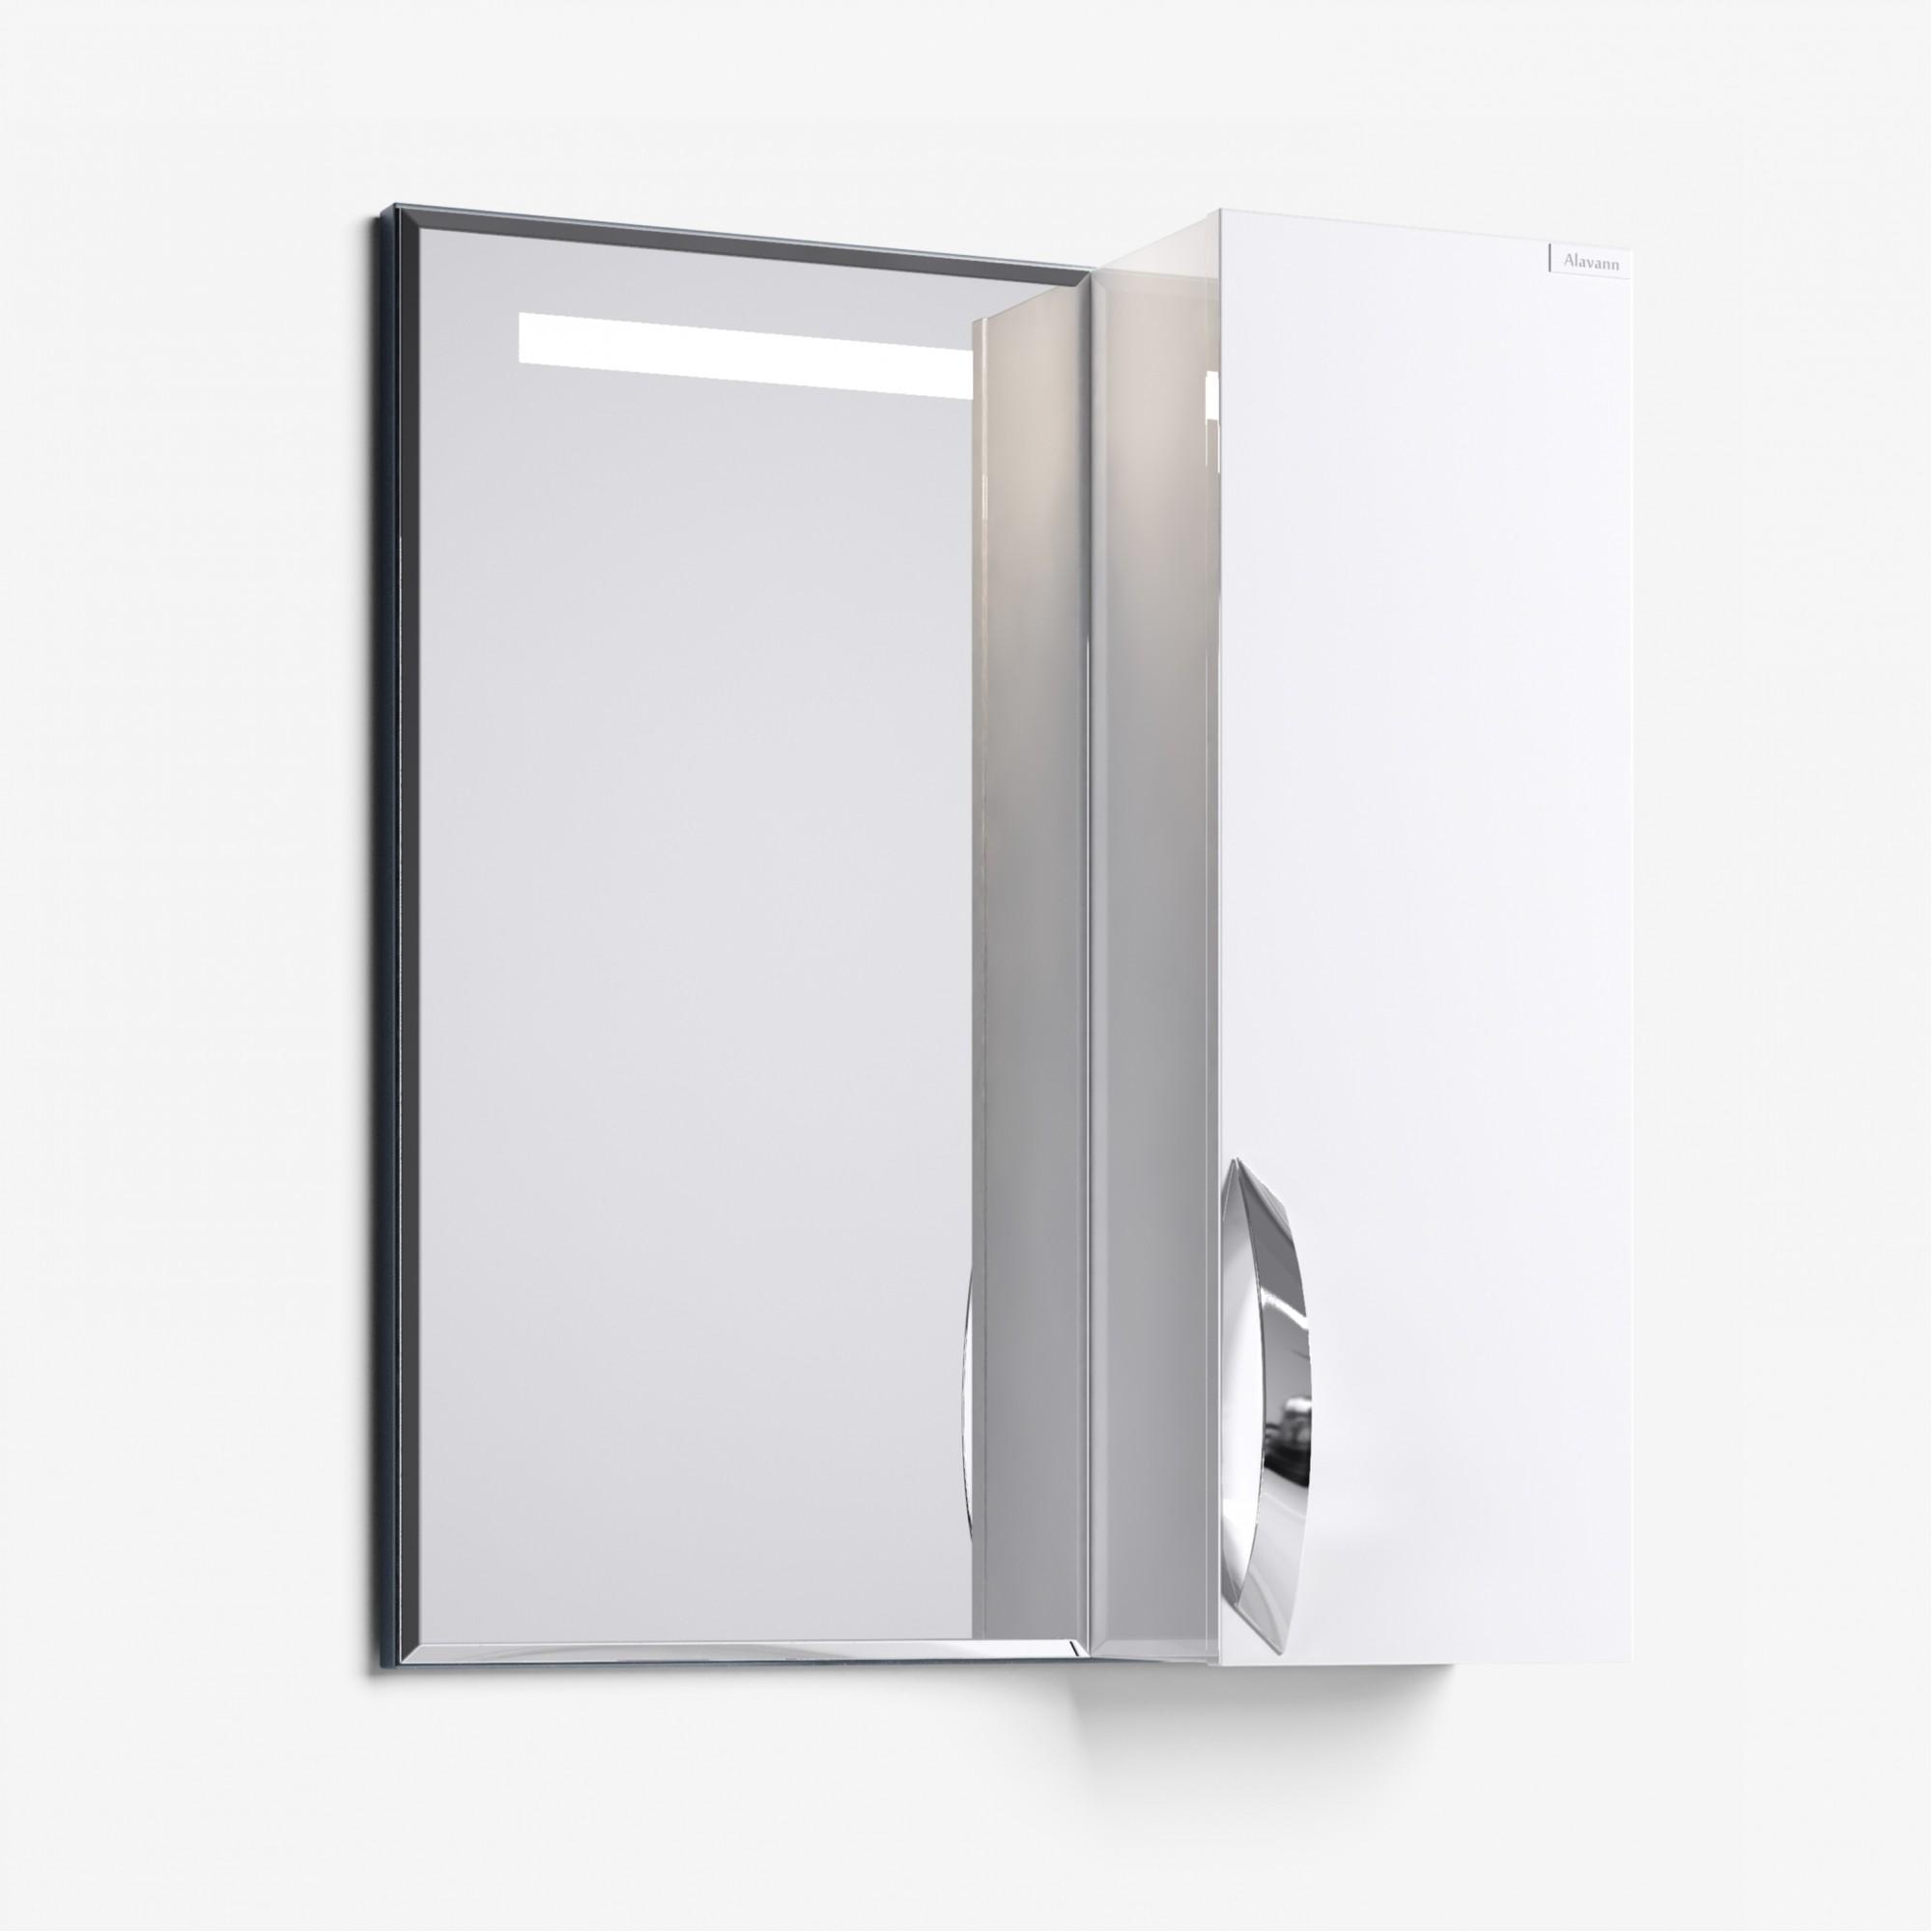 Зеркало-шкаф Elsa 65 +7 650 руб.